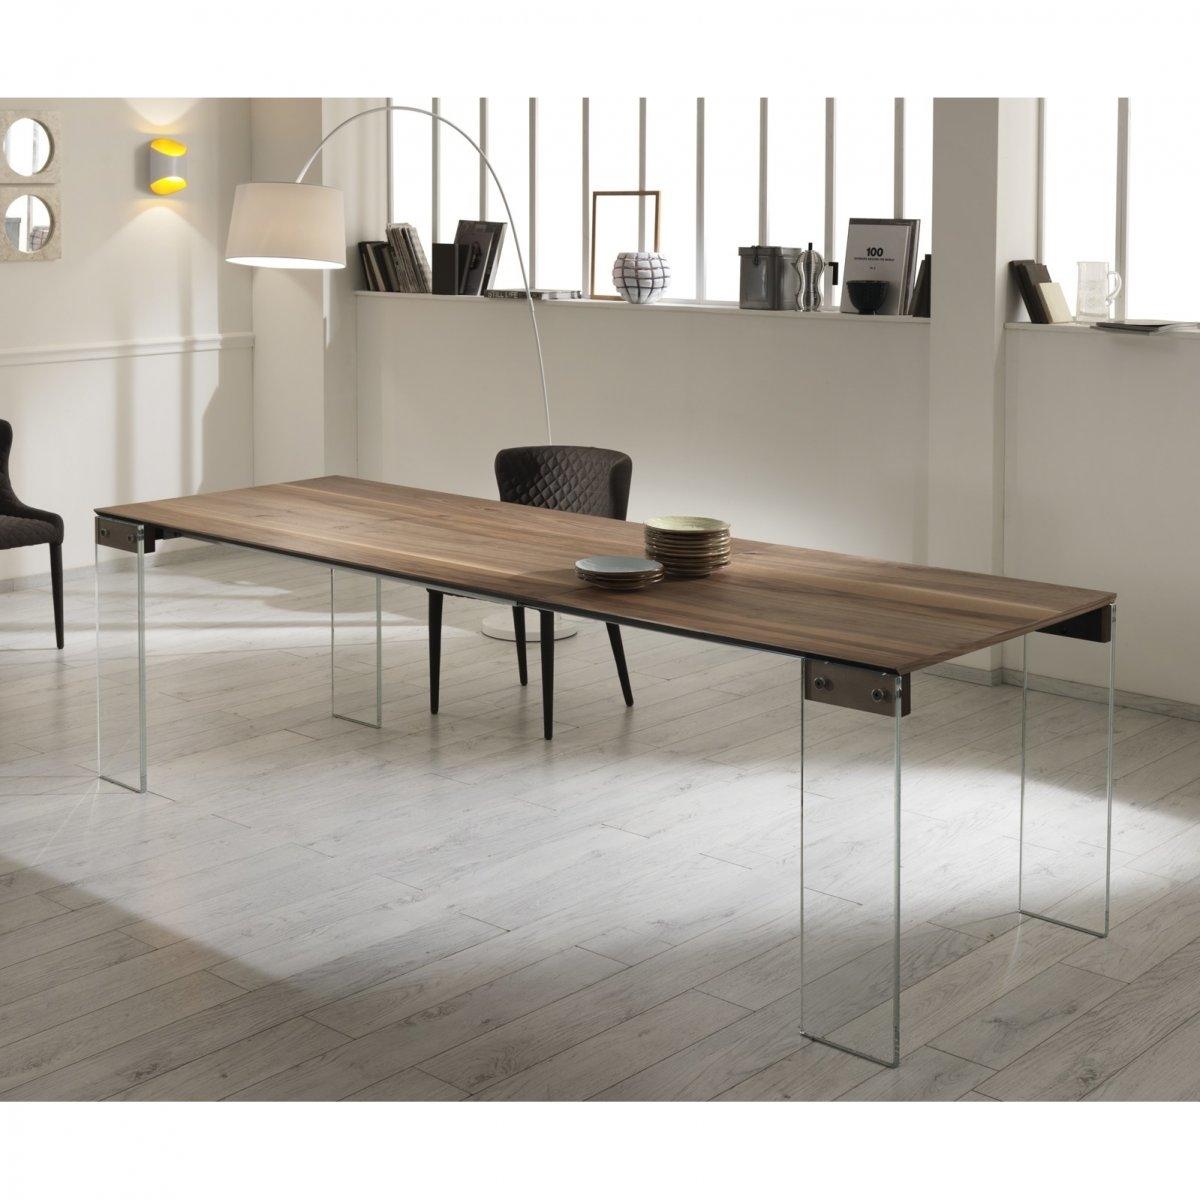 Stones tavolo cloud rettangolare allungabile legno - Tavolo rettangolare allungabile ...